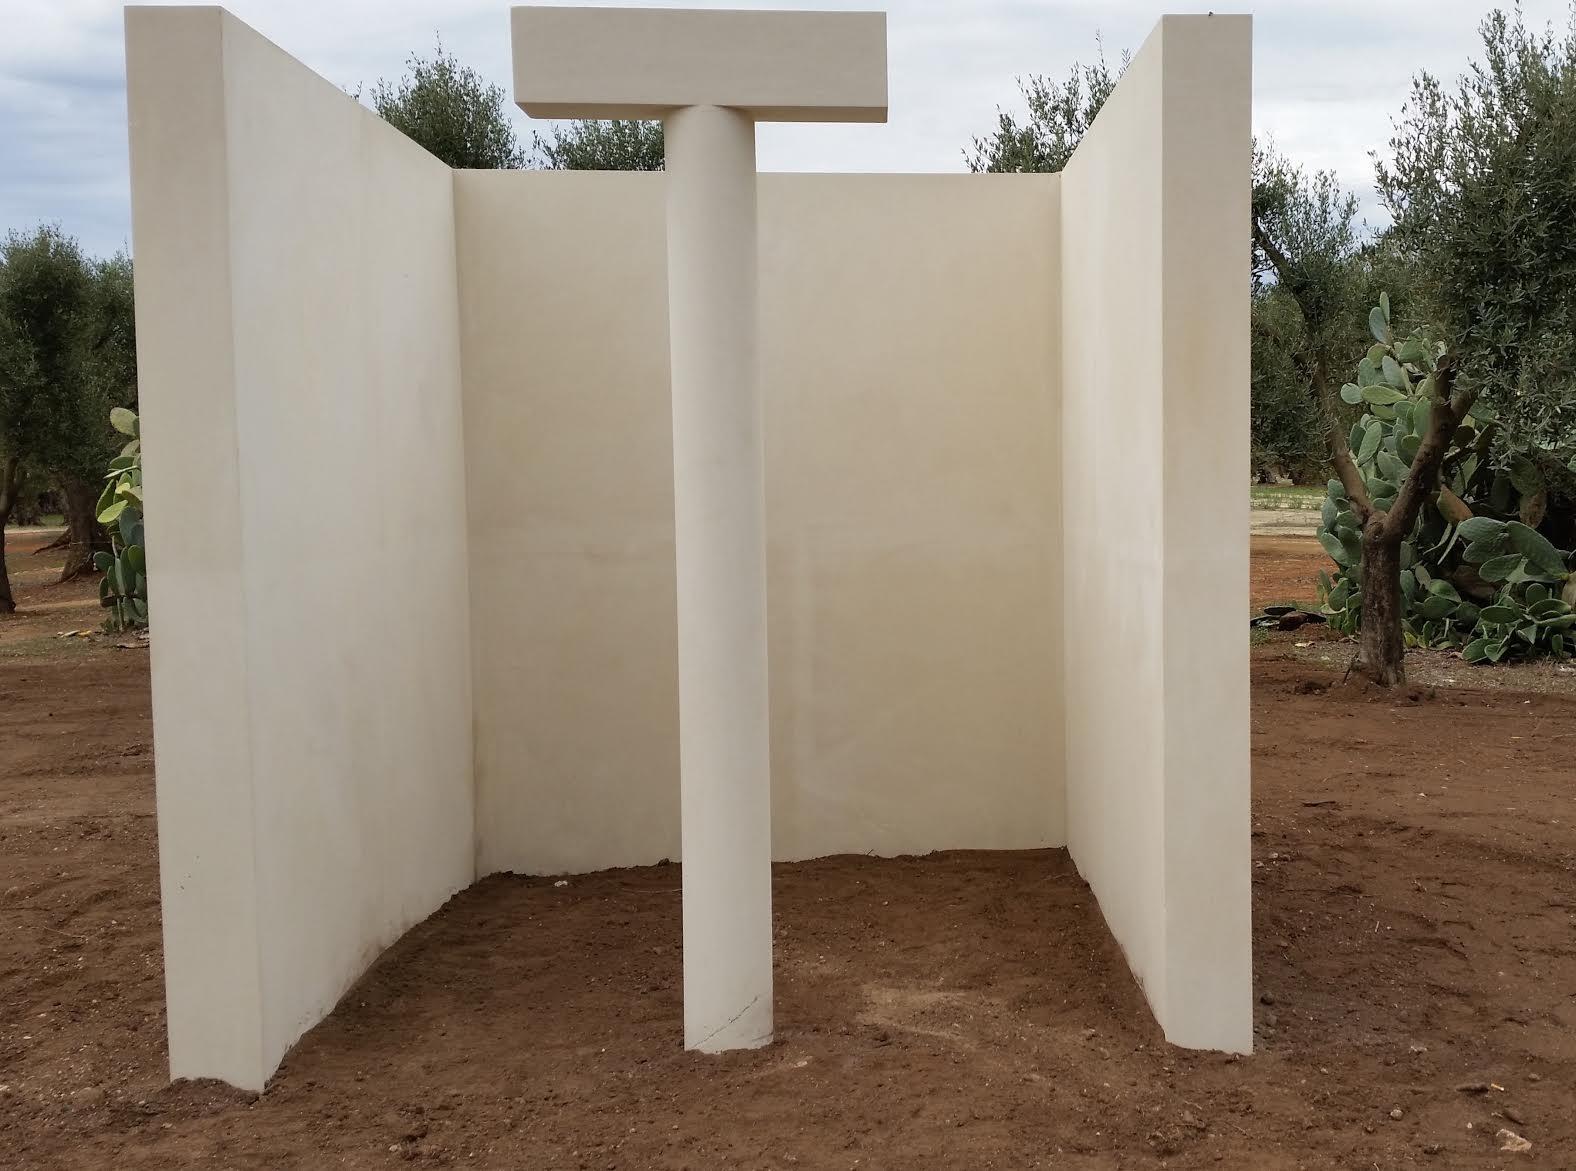 Particolare della scultura di Siza a Palmariggi